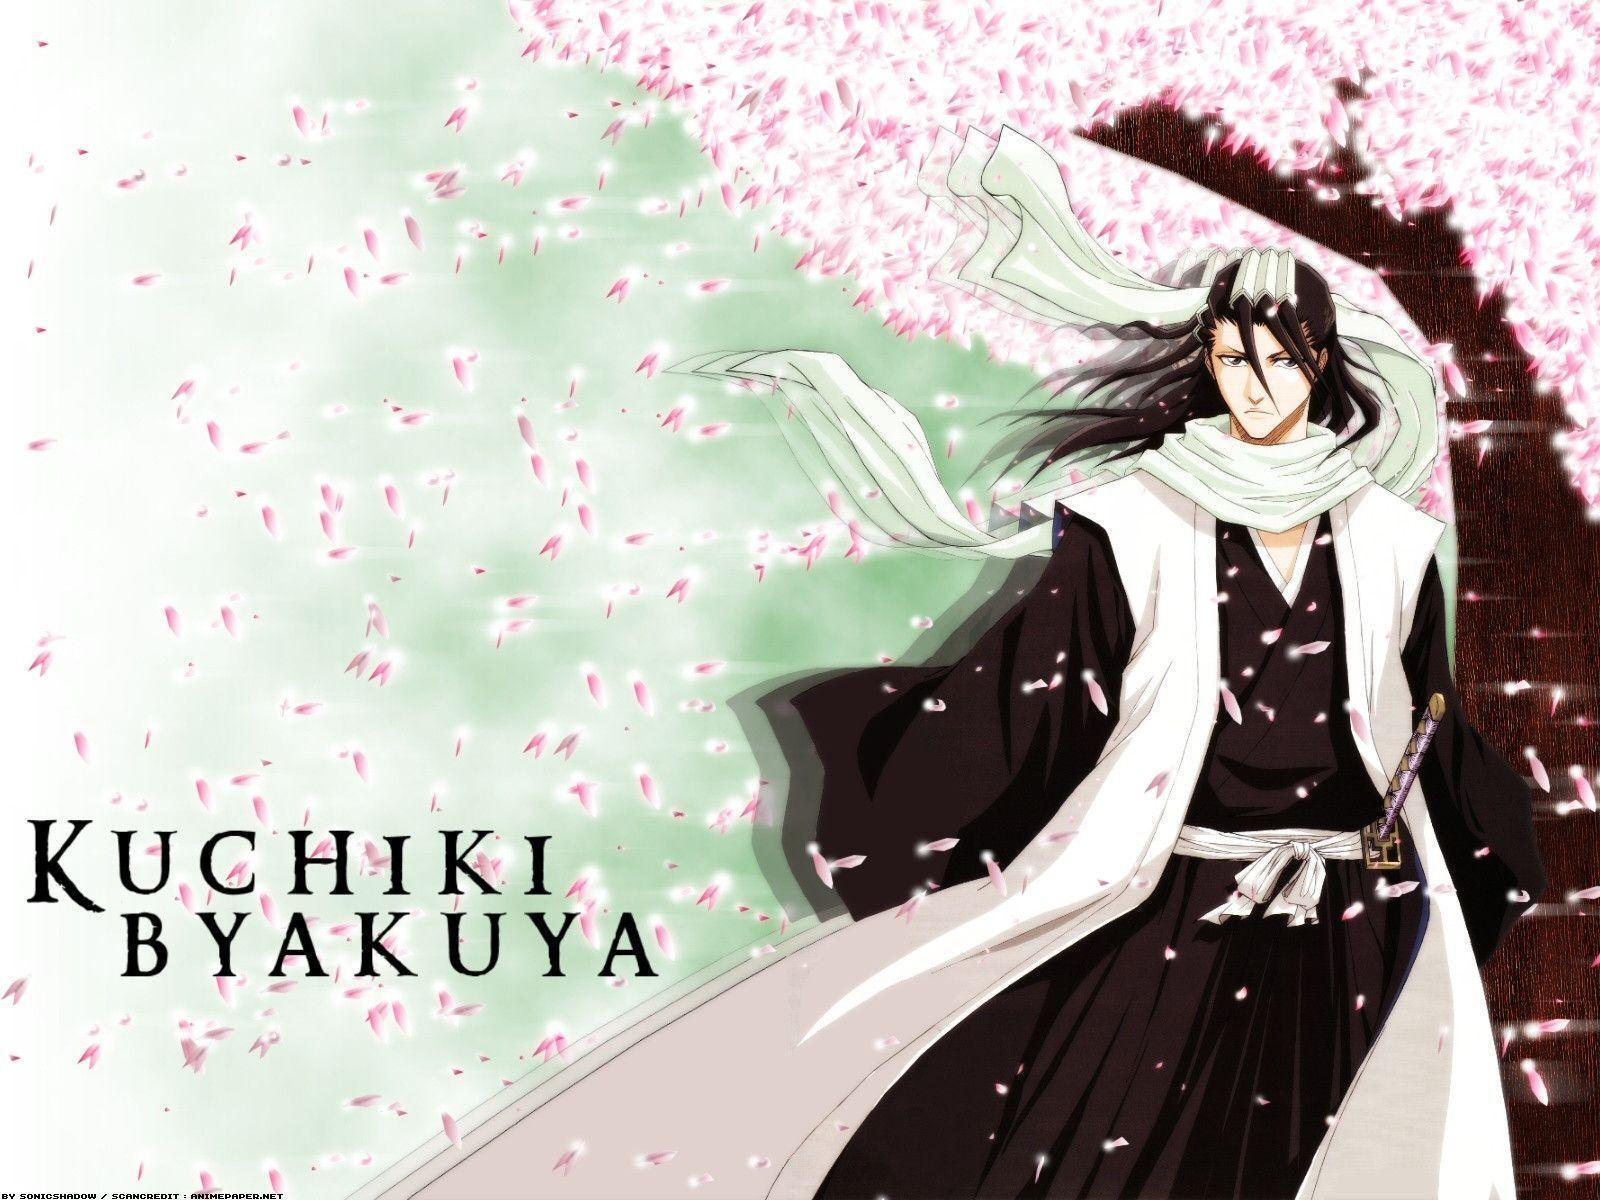 byakuya kuchiki wallpapers wallpaper